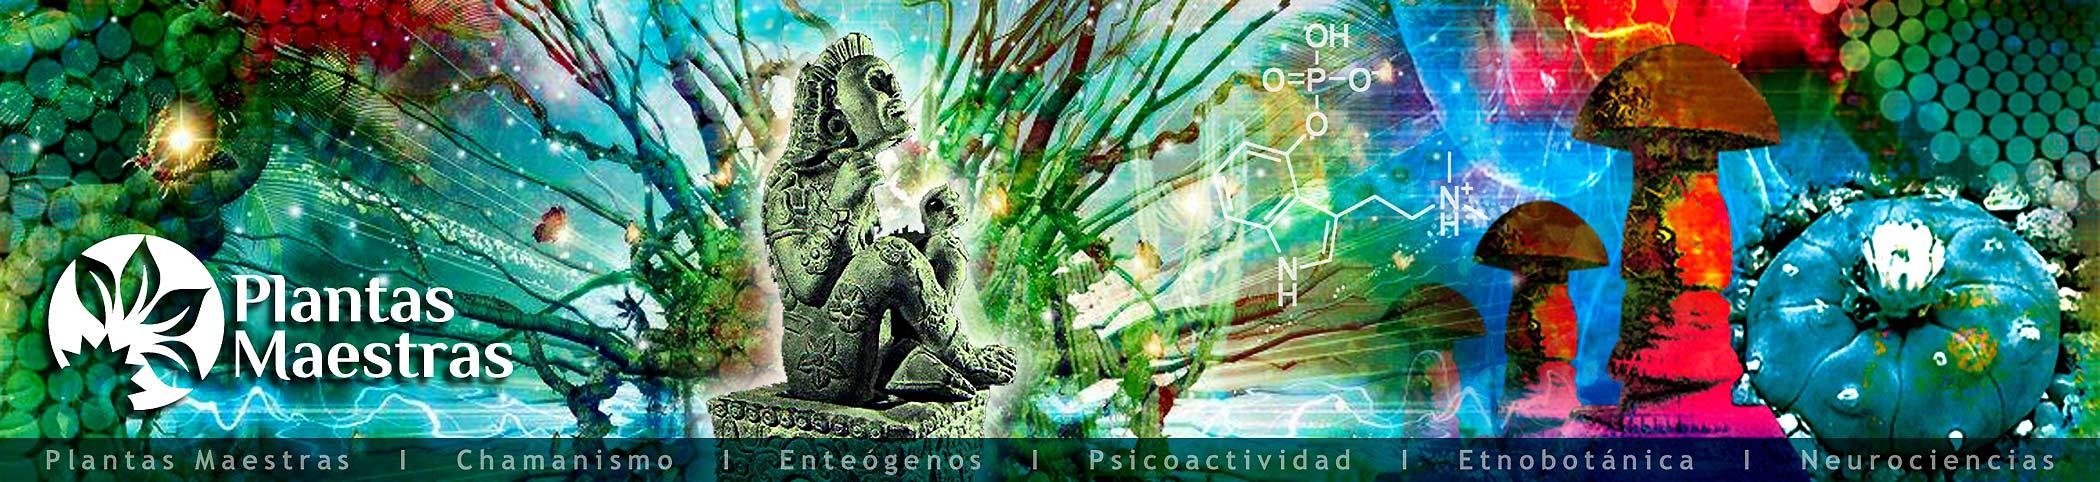 plantas sagradas, plantas maestras y chamanismo